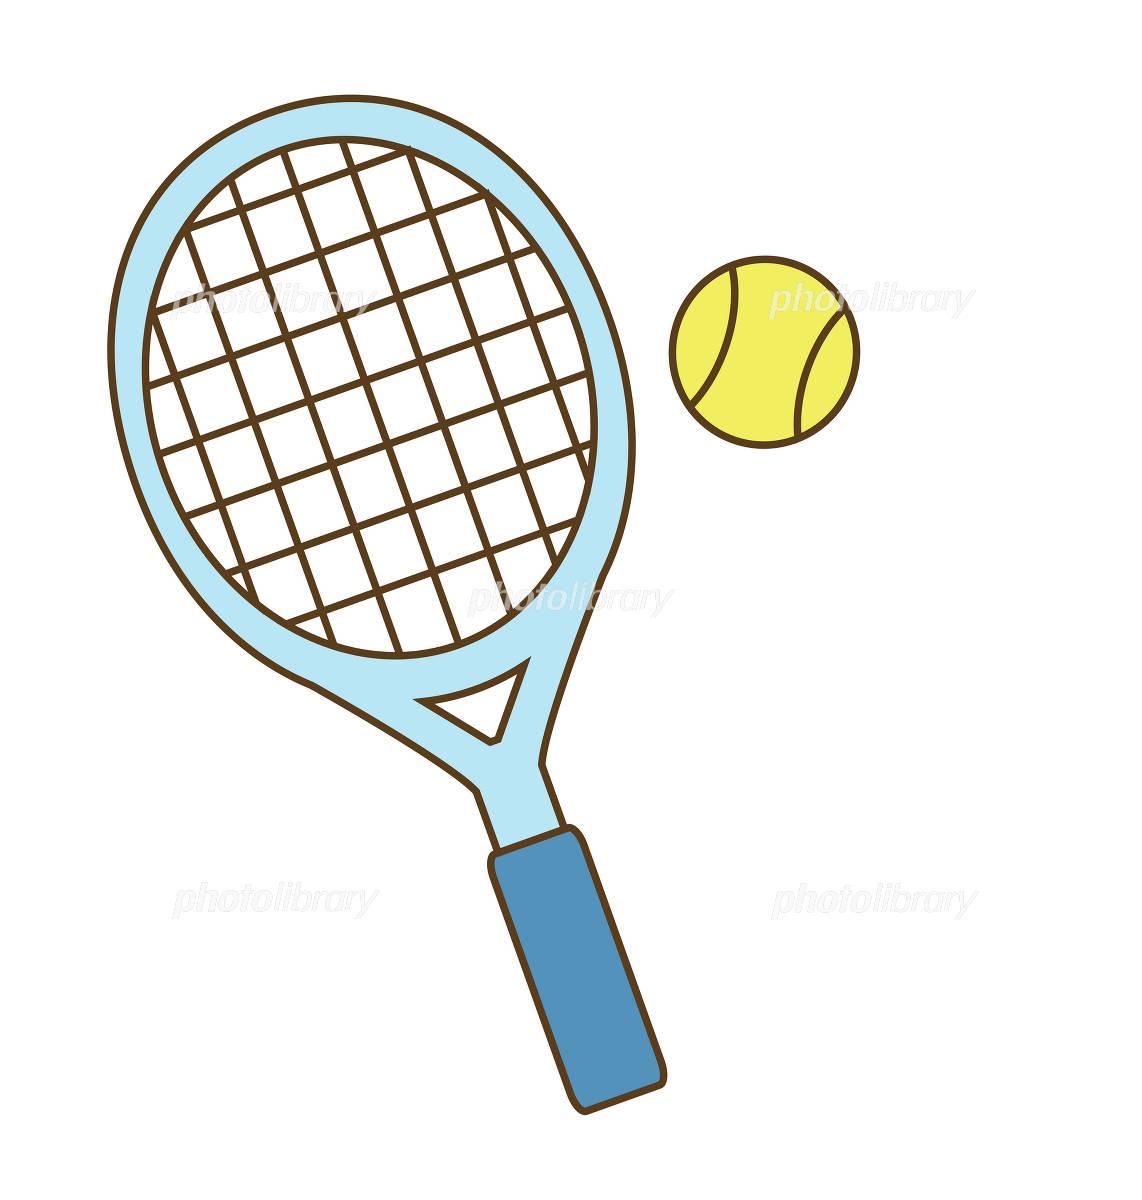 テニス イラスト素材 [ 1045868 ] - フォトライブラリー photolibrary